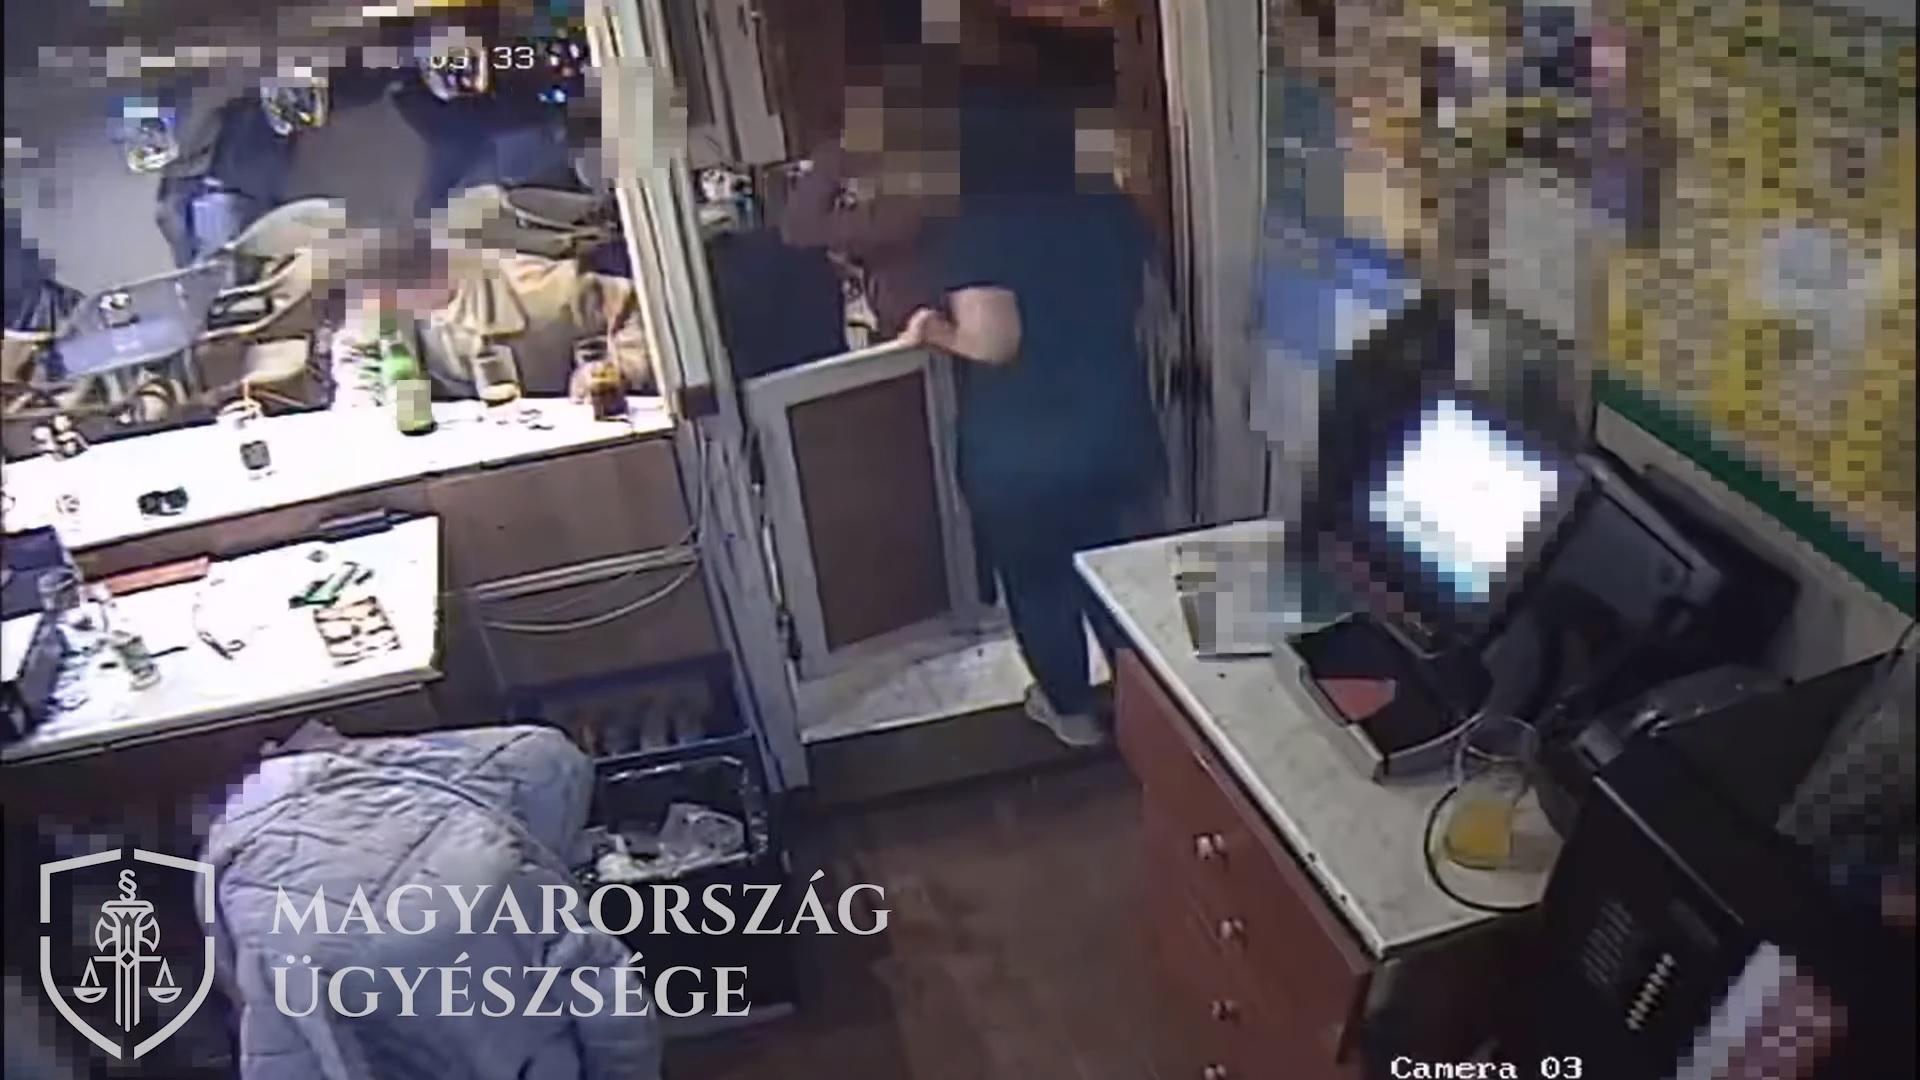 Videó egy táti kocsmában a semmiből kitört tömegverekedésről, amiben senki sem sérült meg